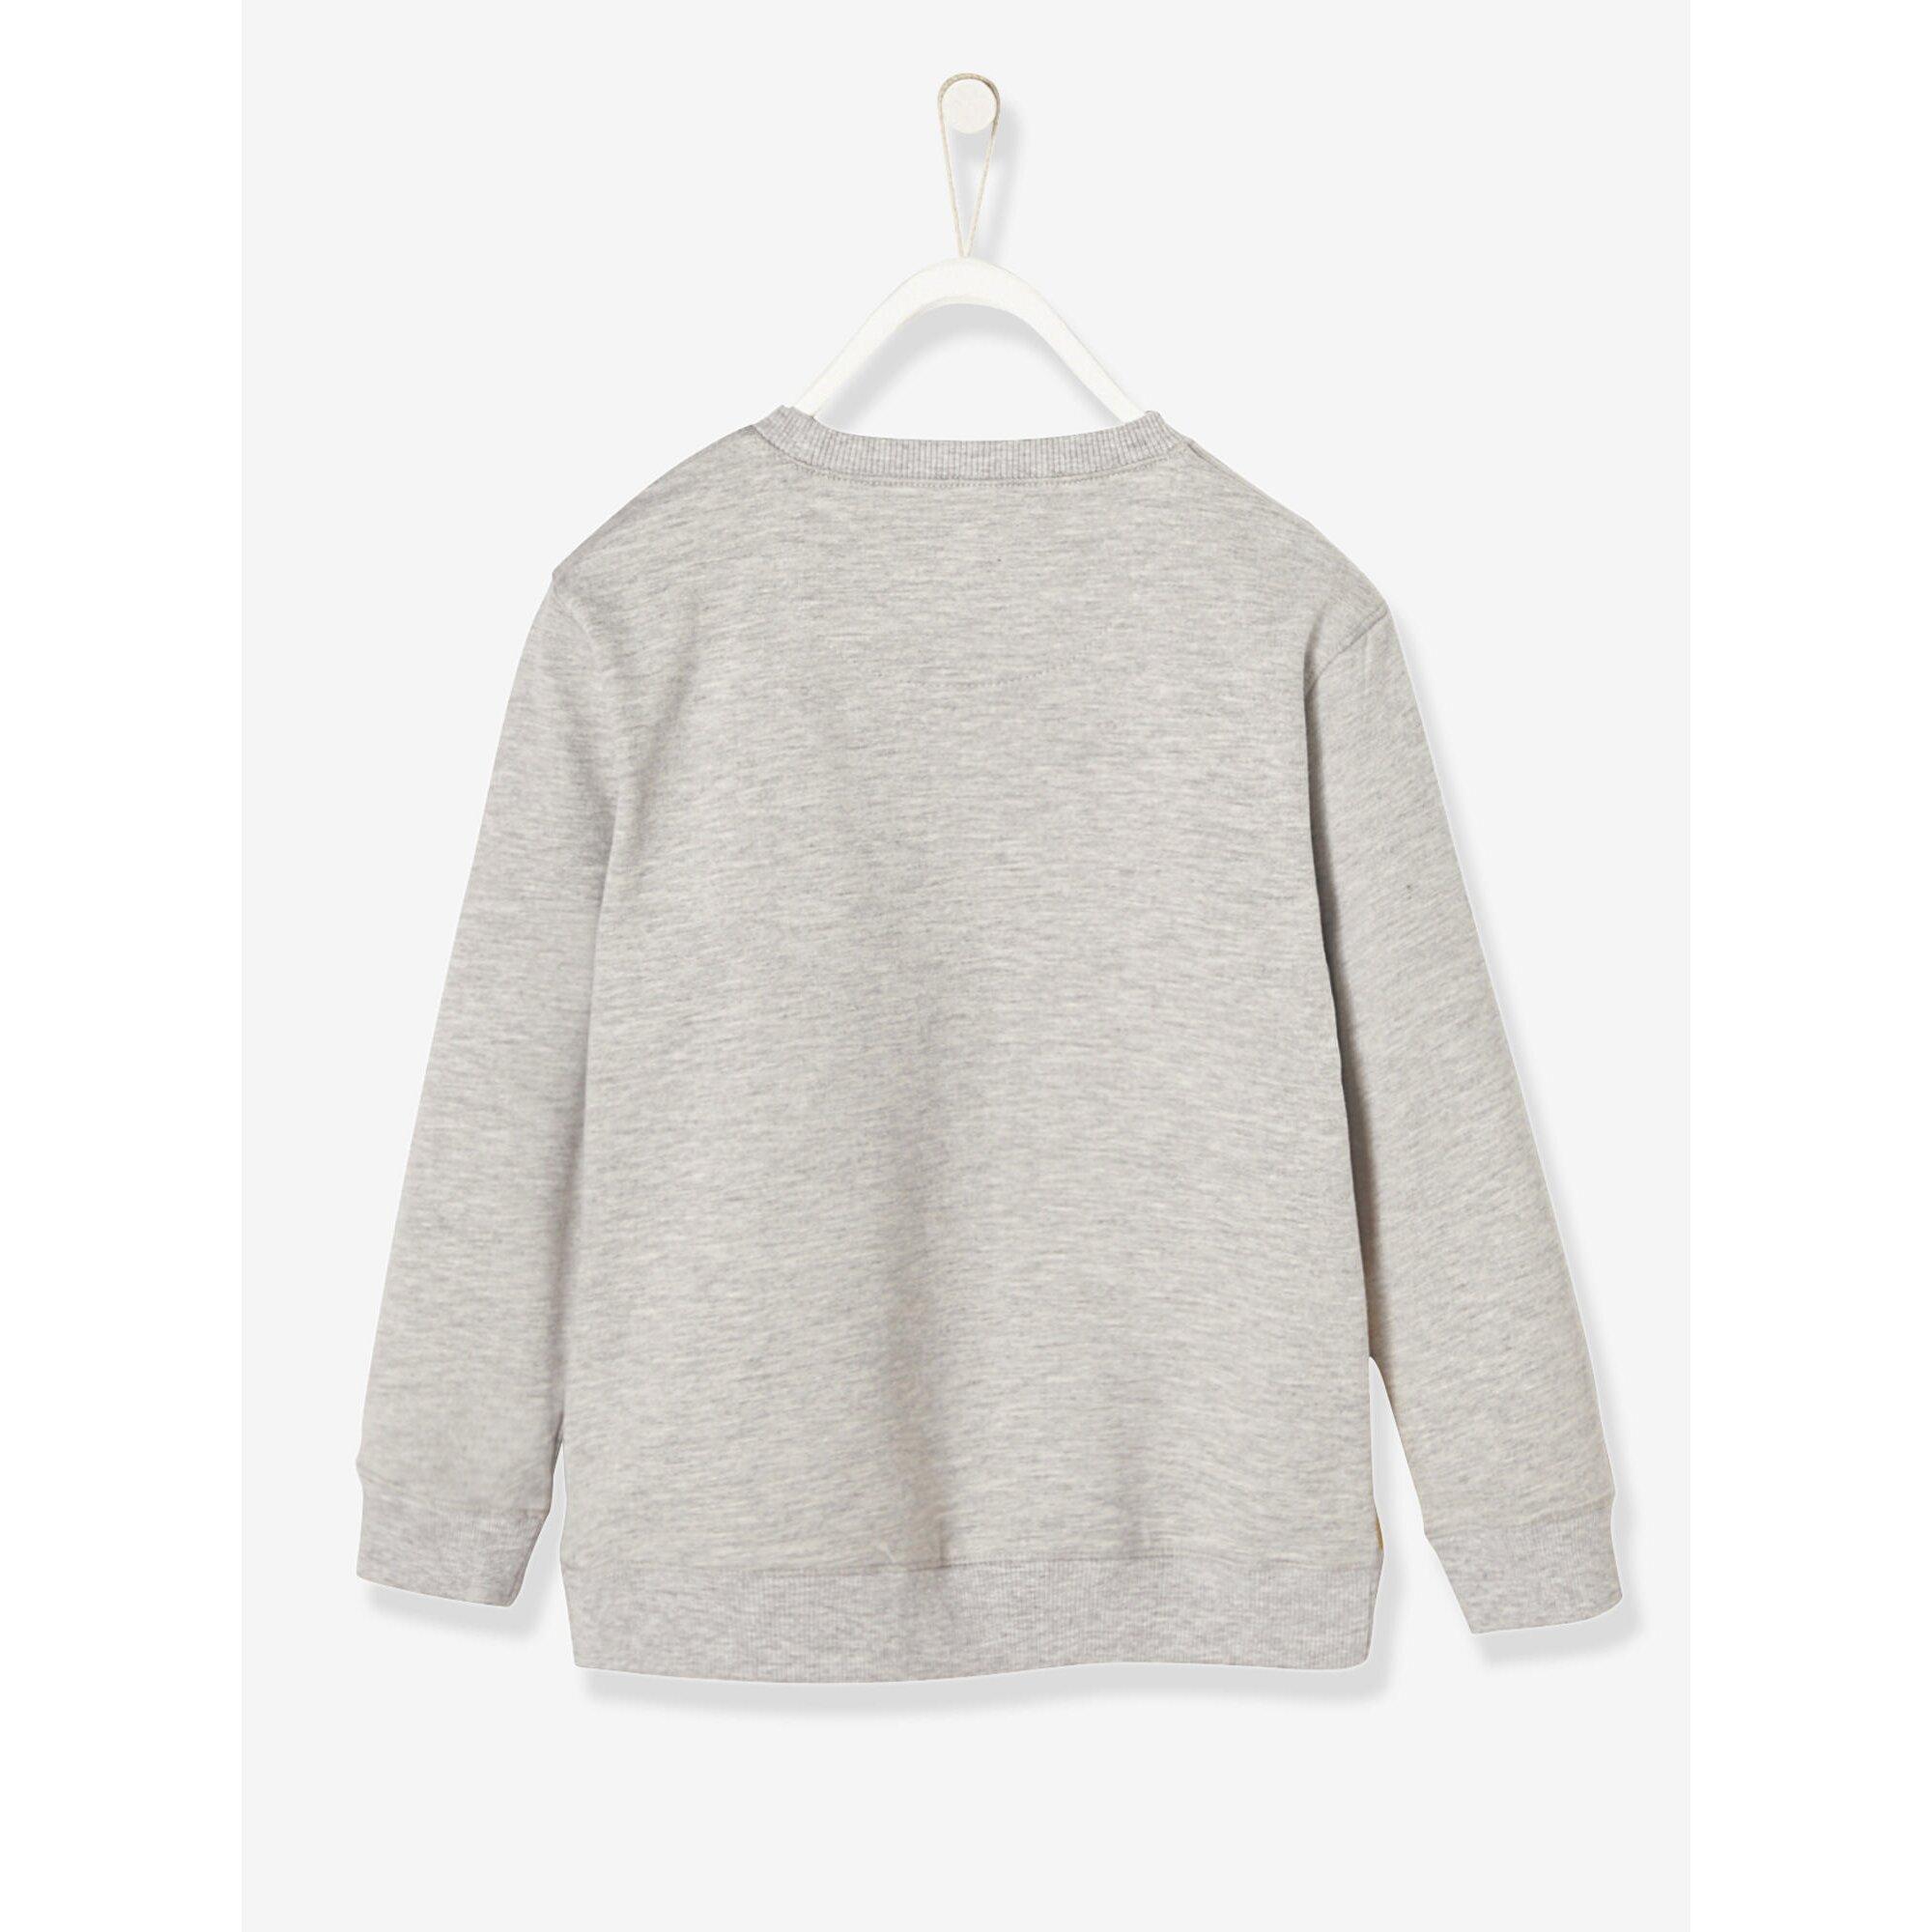 vertbaudet-jungen-sweatshirt-mit-streifen